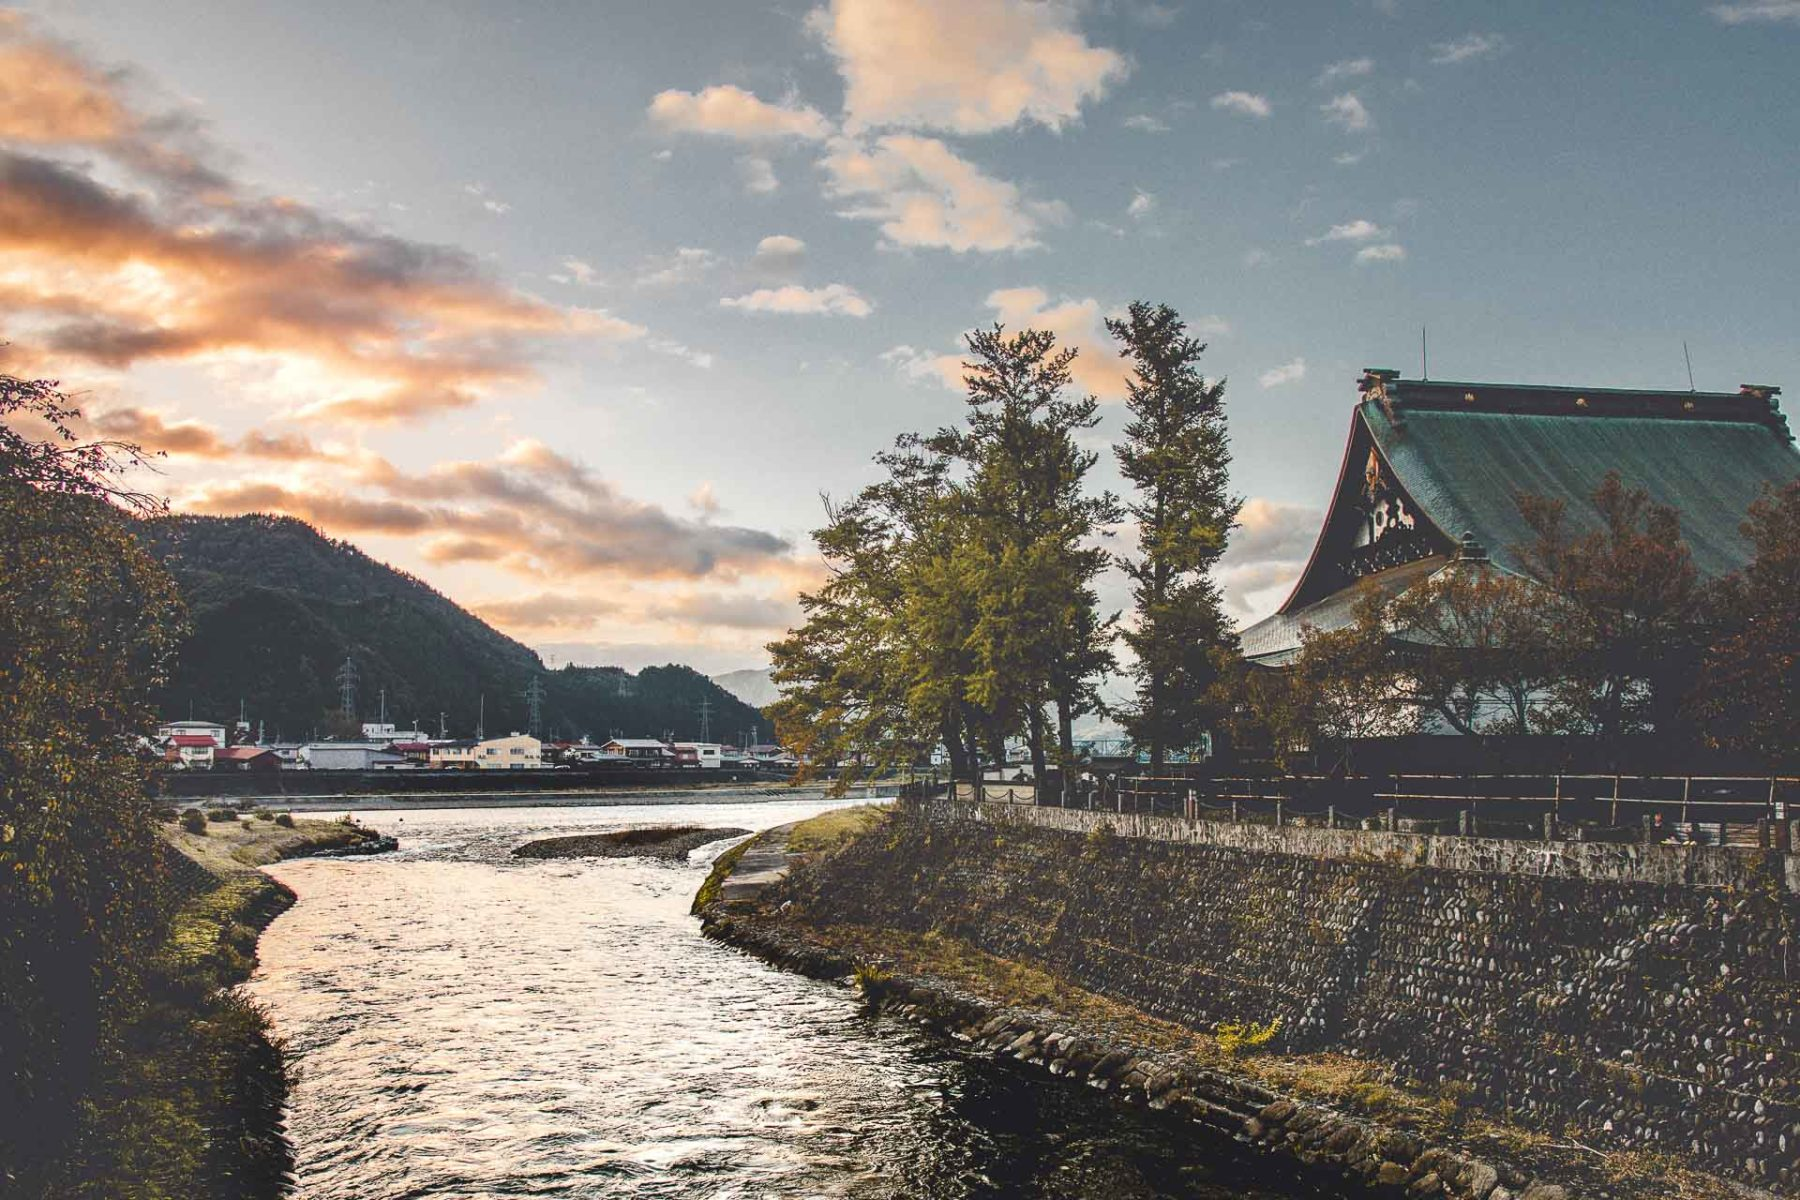 1600942432 991 Hida Furukawa camina en Japon inspiracion de Your Name